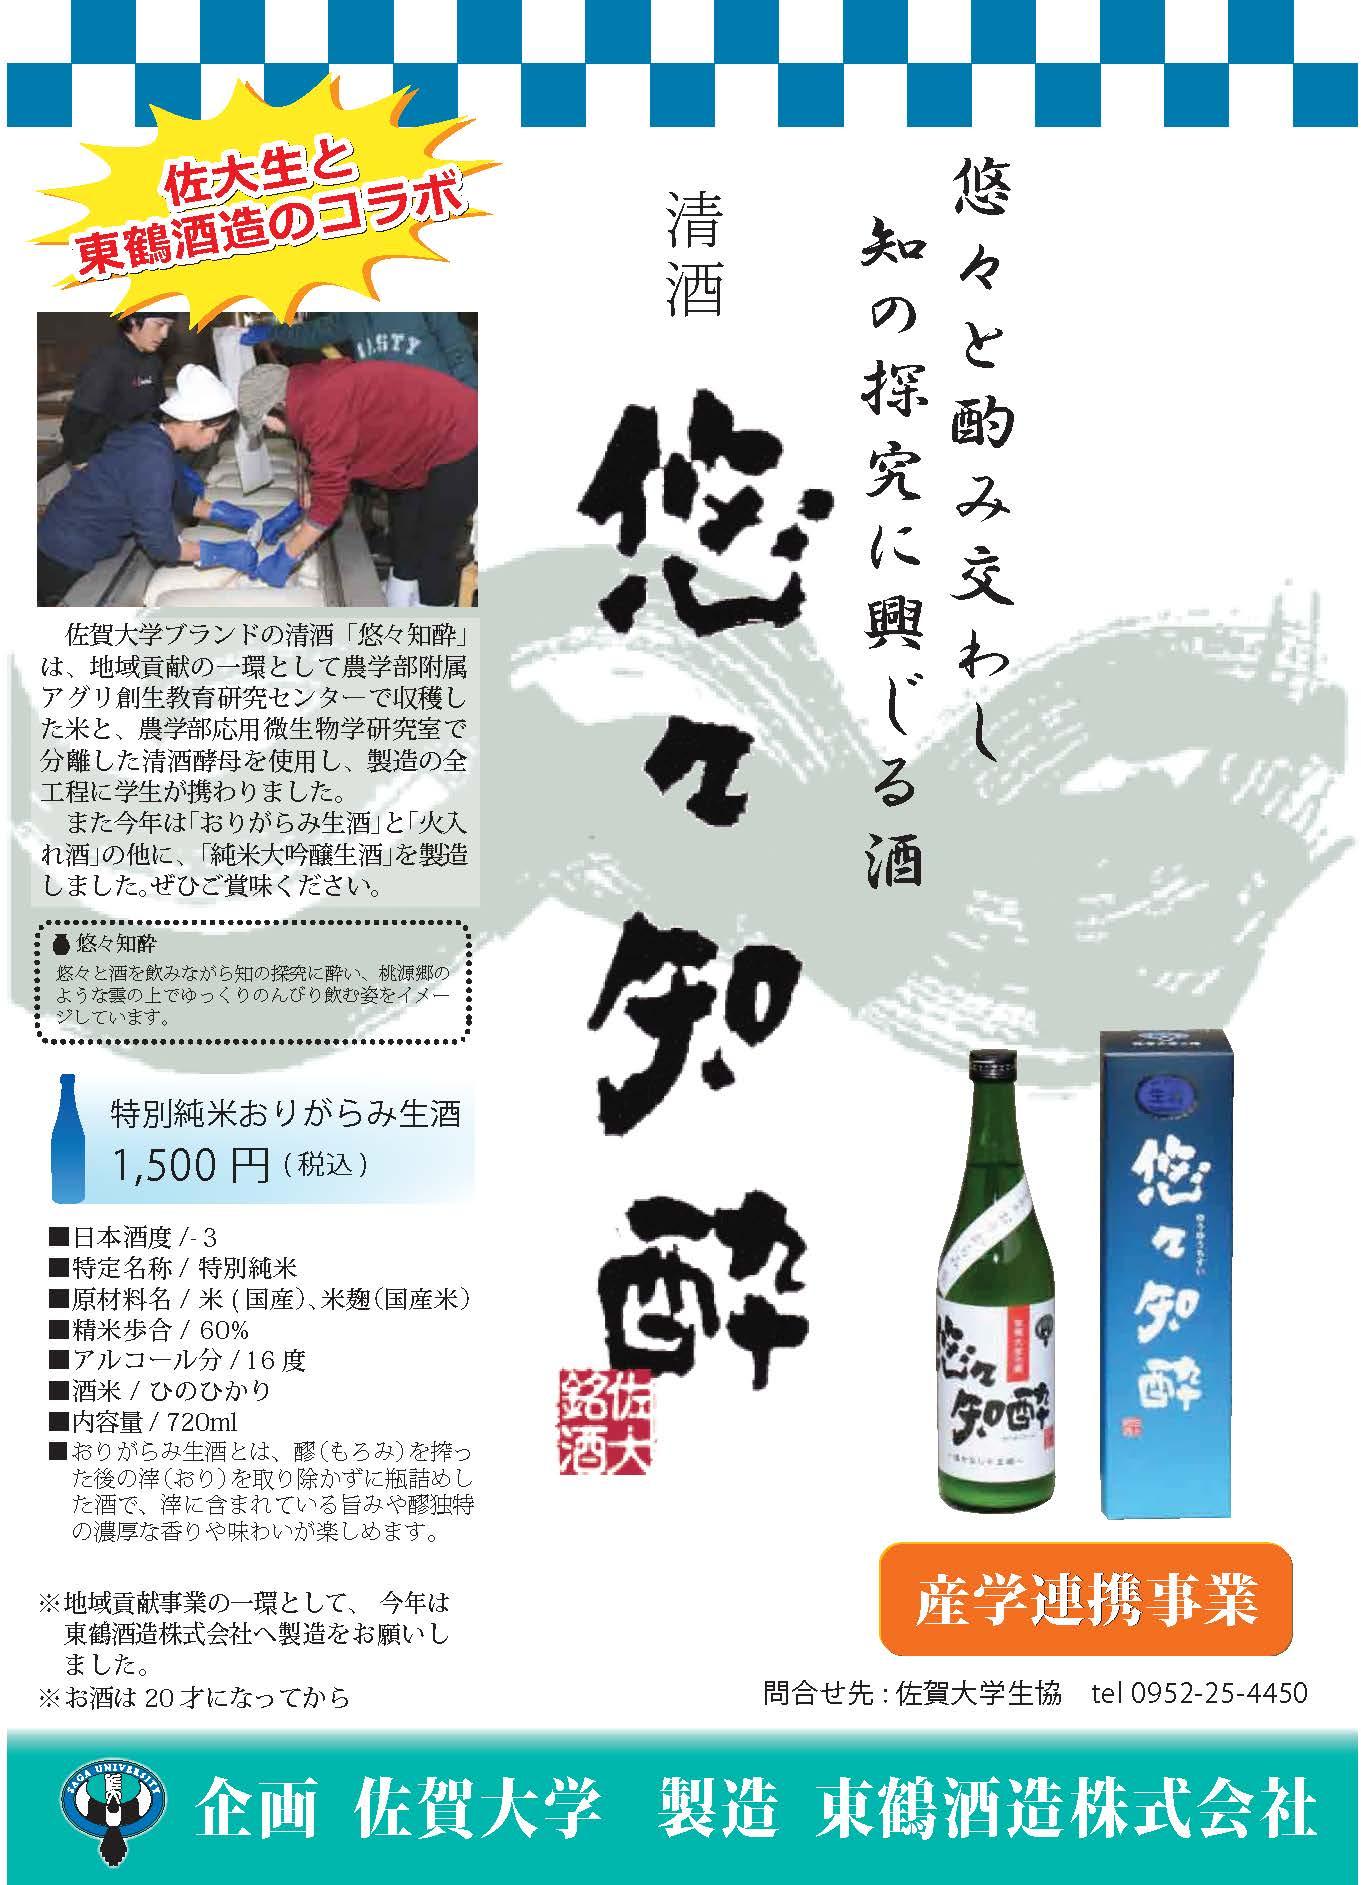 悠々知酔チラシ東鶴2016_おりがらみ